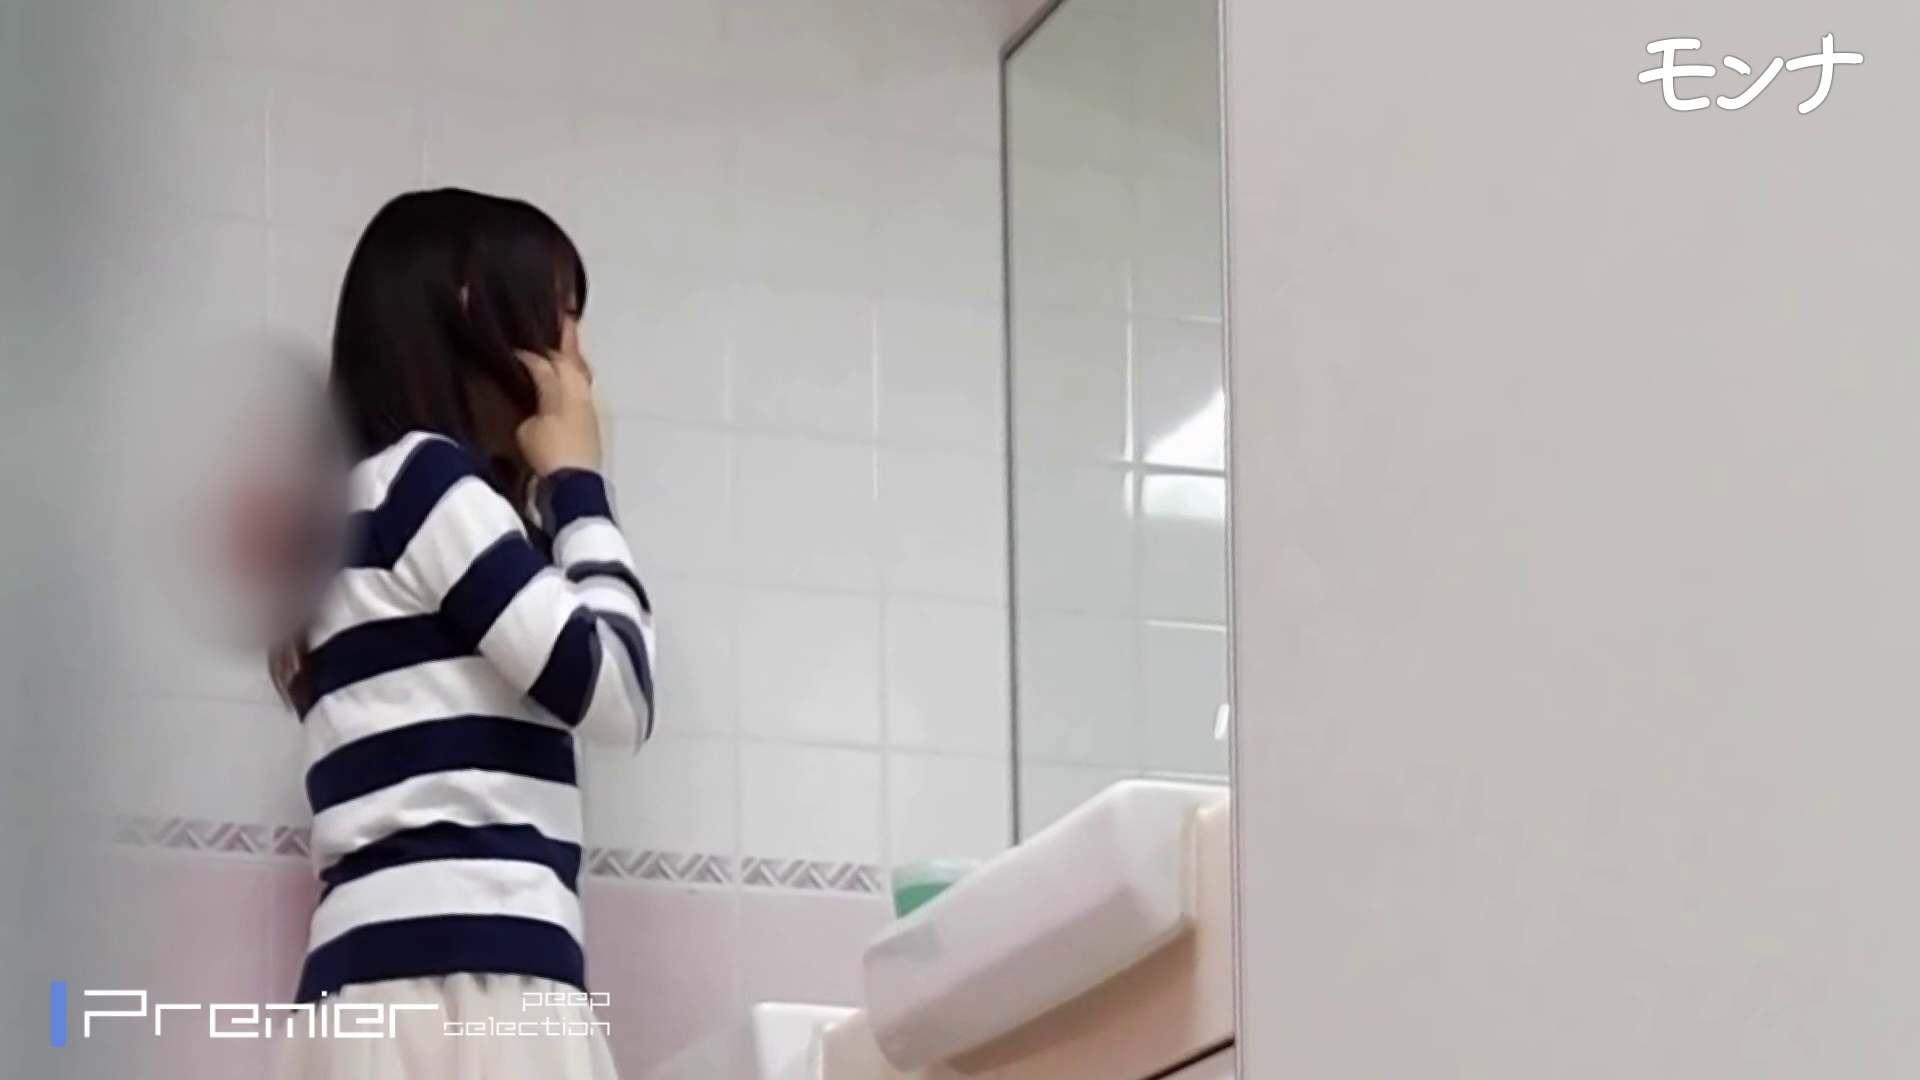 CM 悶絶シリーズ5 【美しい日本の未来 No.128】 ギャル盗撮映像 のぞき動画画像 100PIX 54